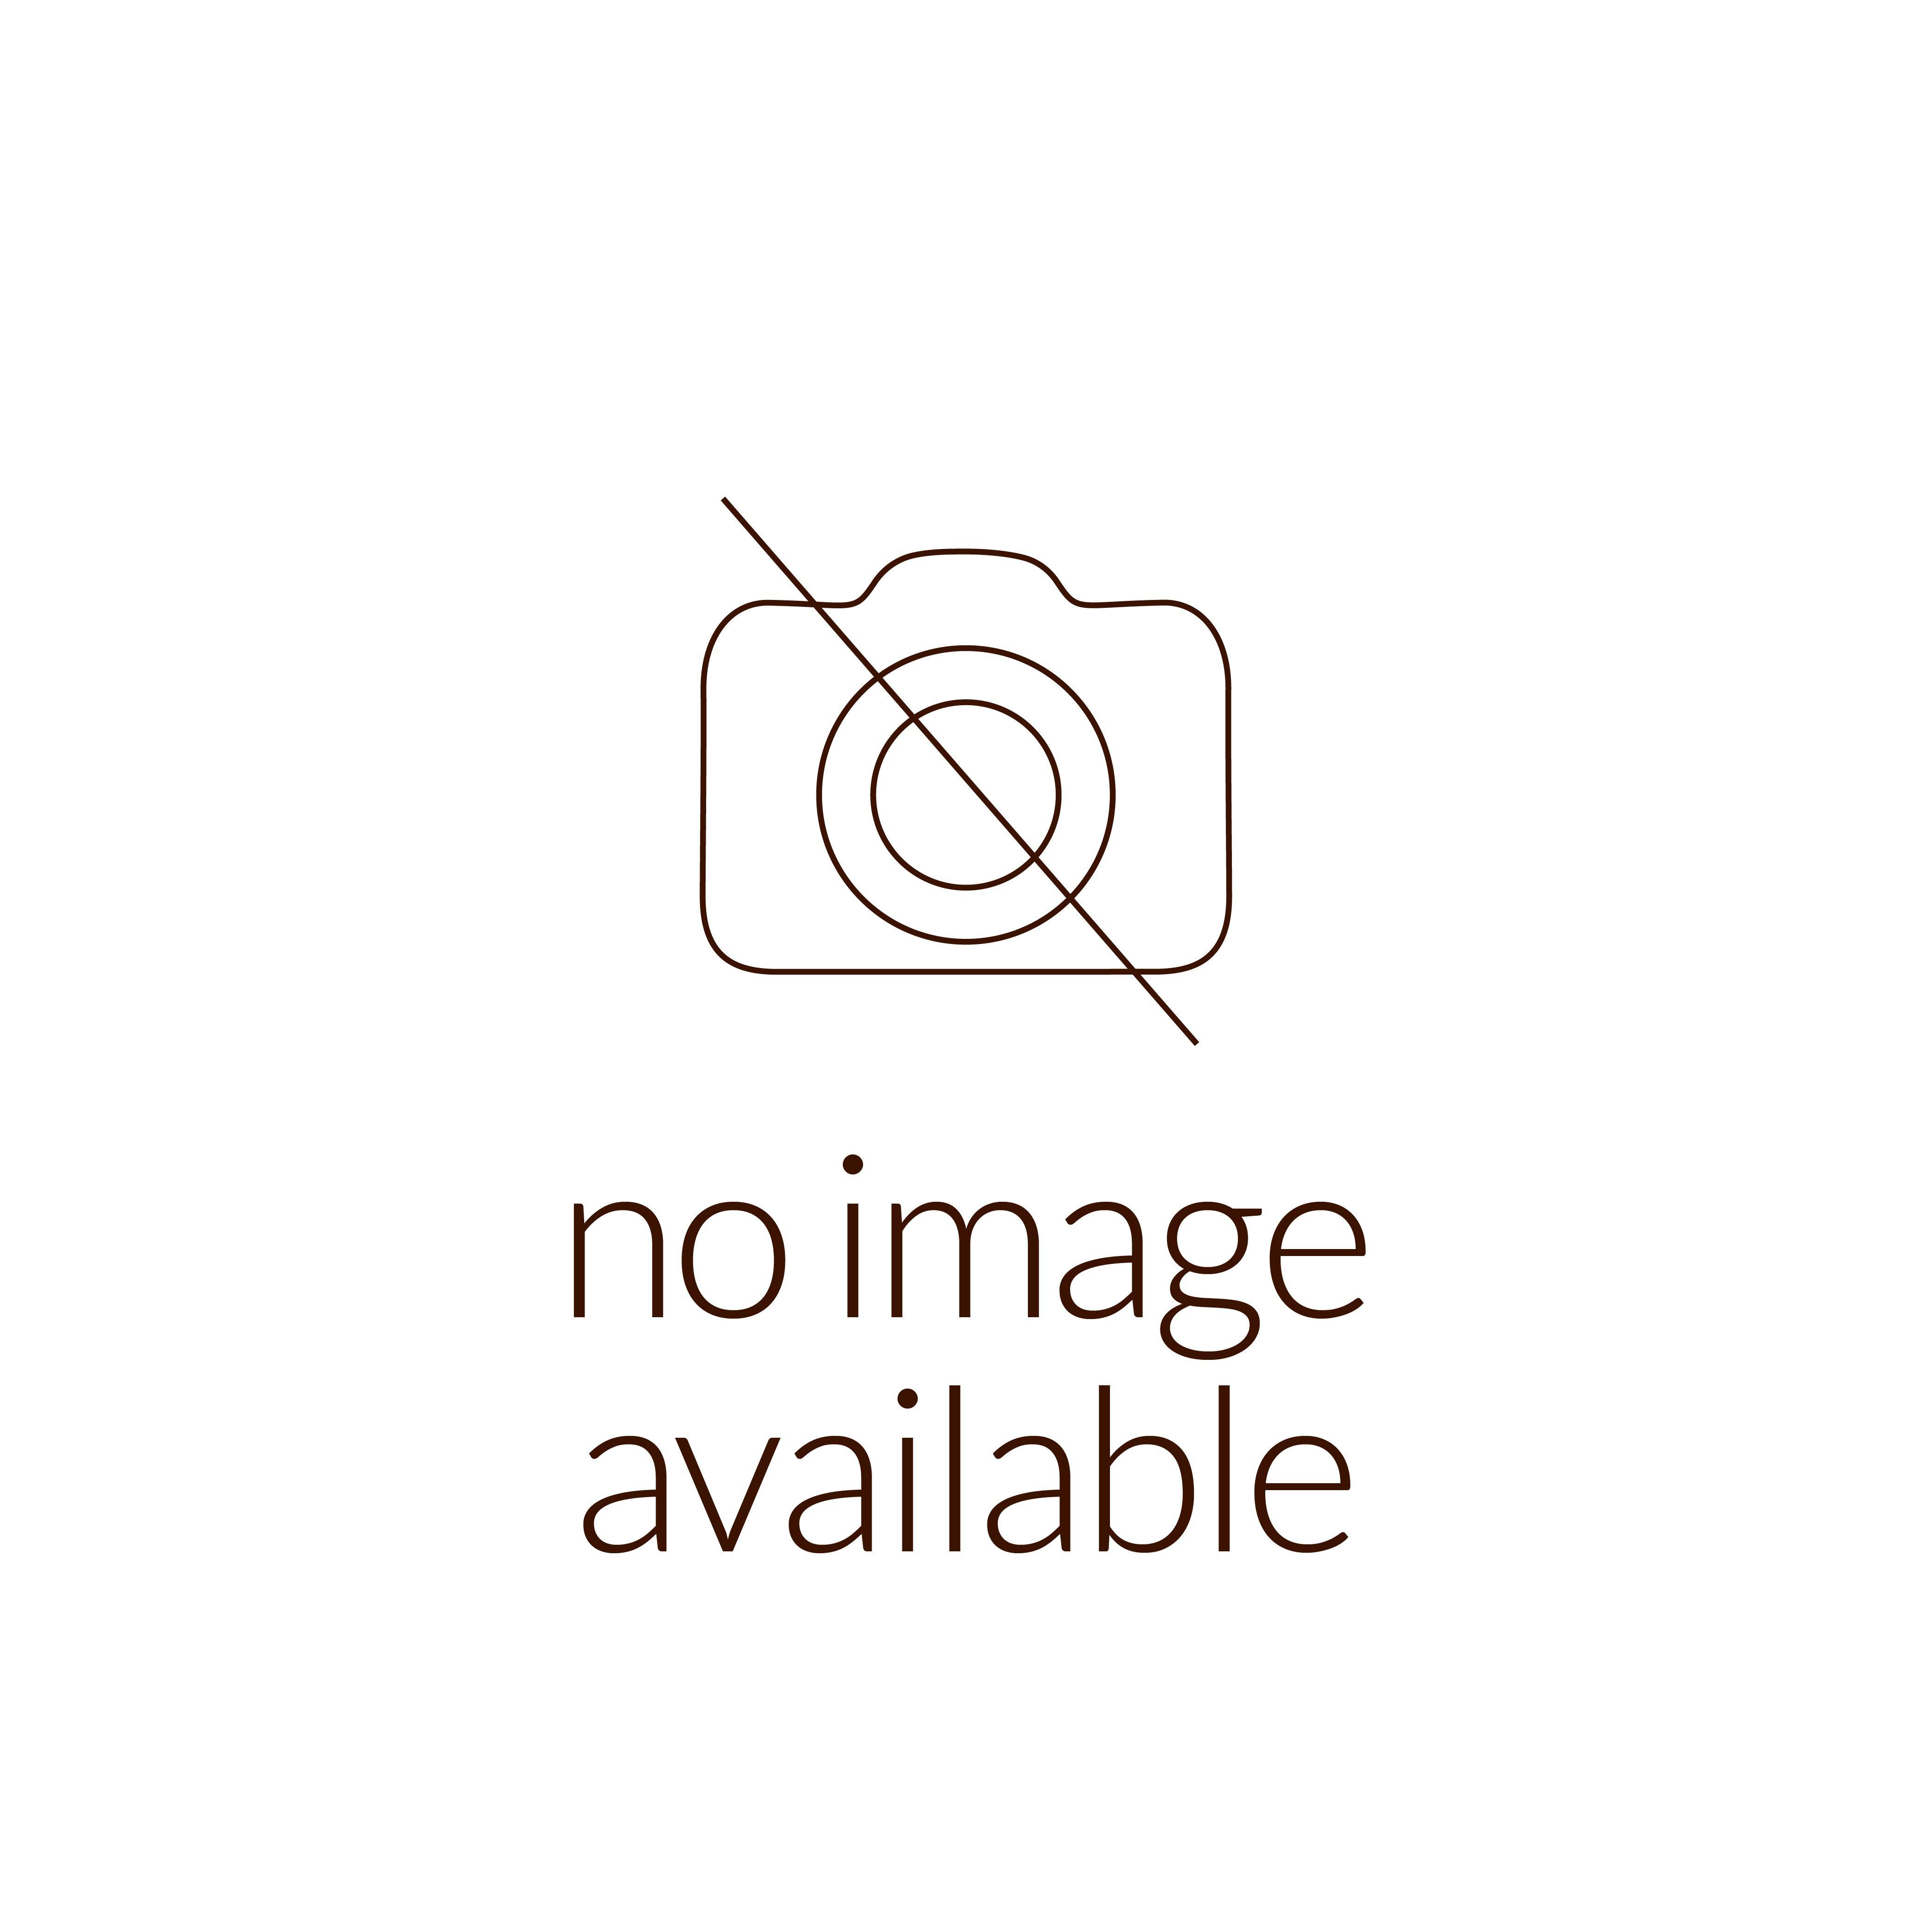 """זיגמונד פרויד, סדרת אישים יהודים שתרמו לתרבות האנושית - ארד טומבק, 59.0 מ""""מ, 98 גרם"""